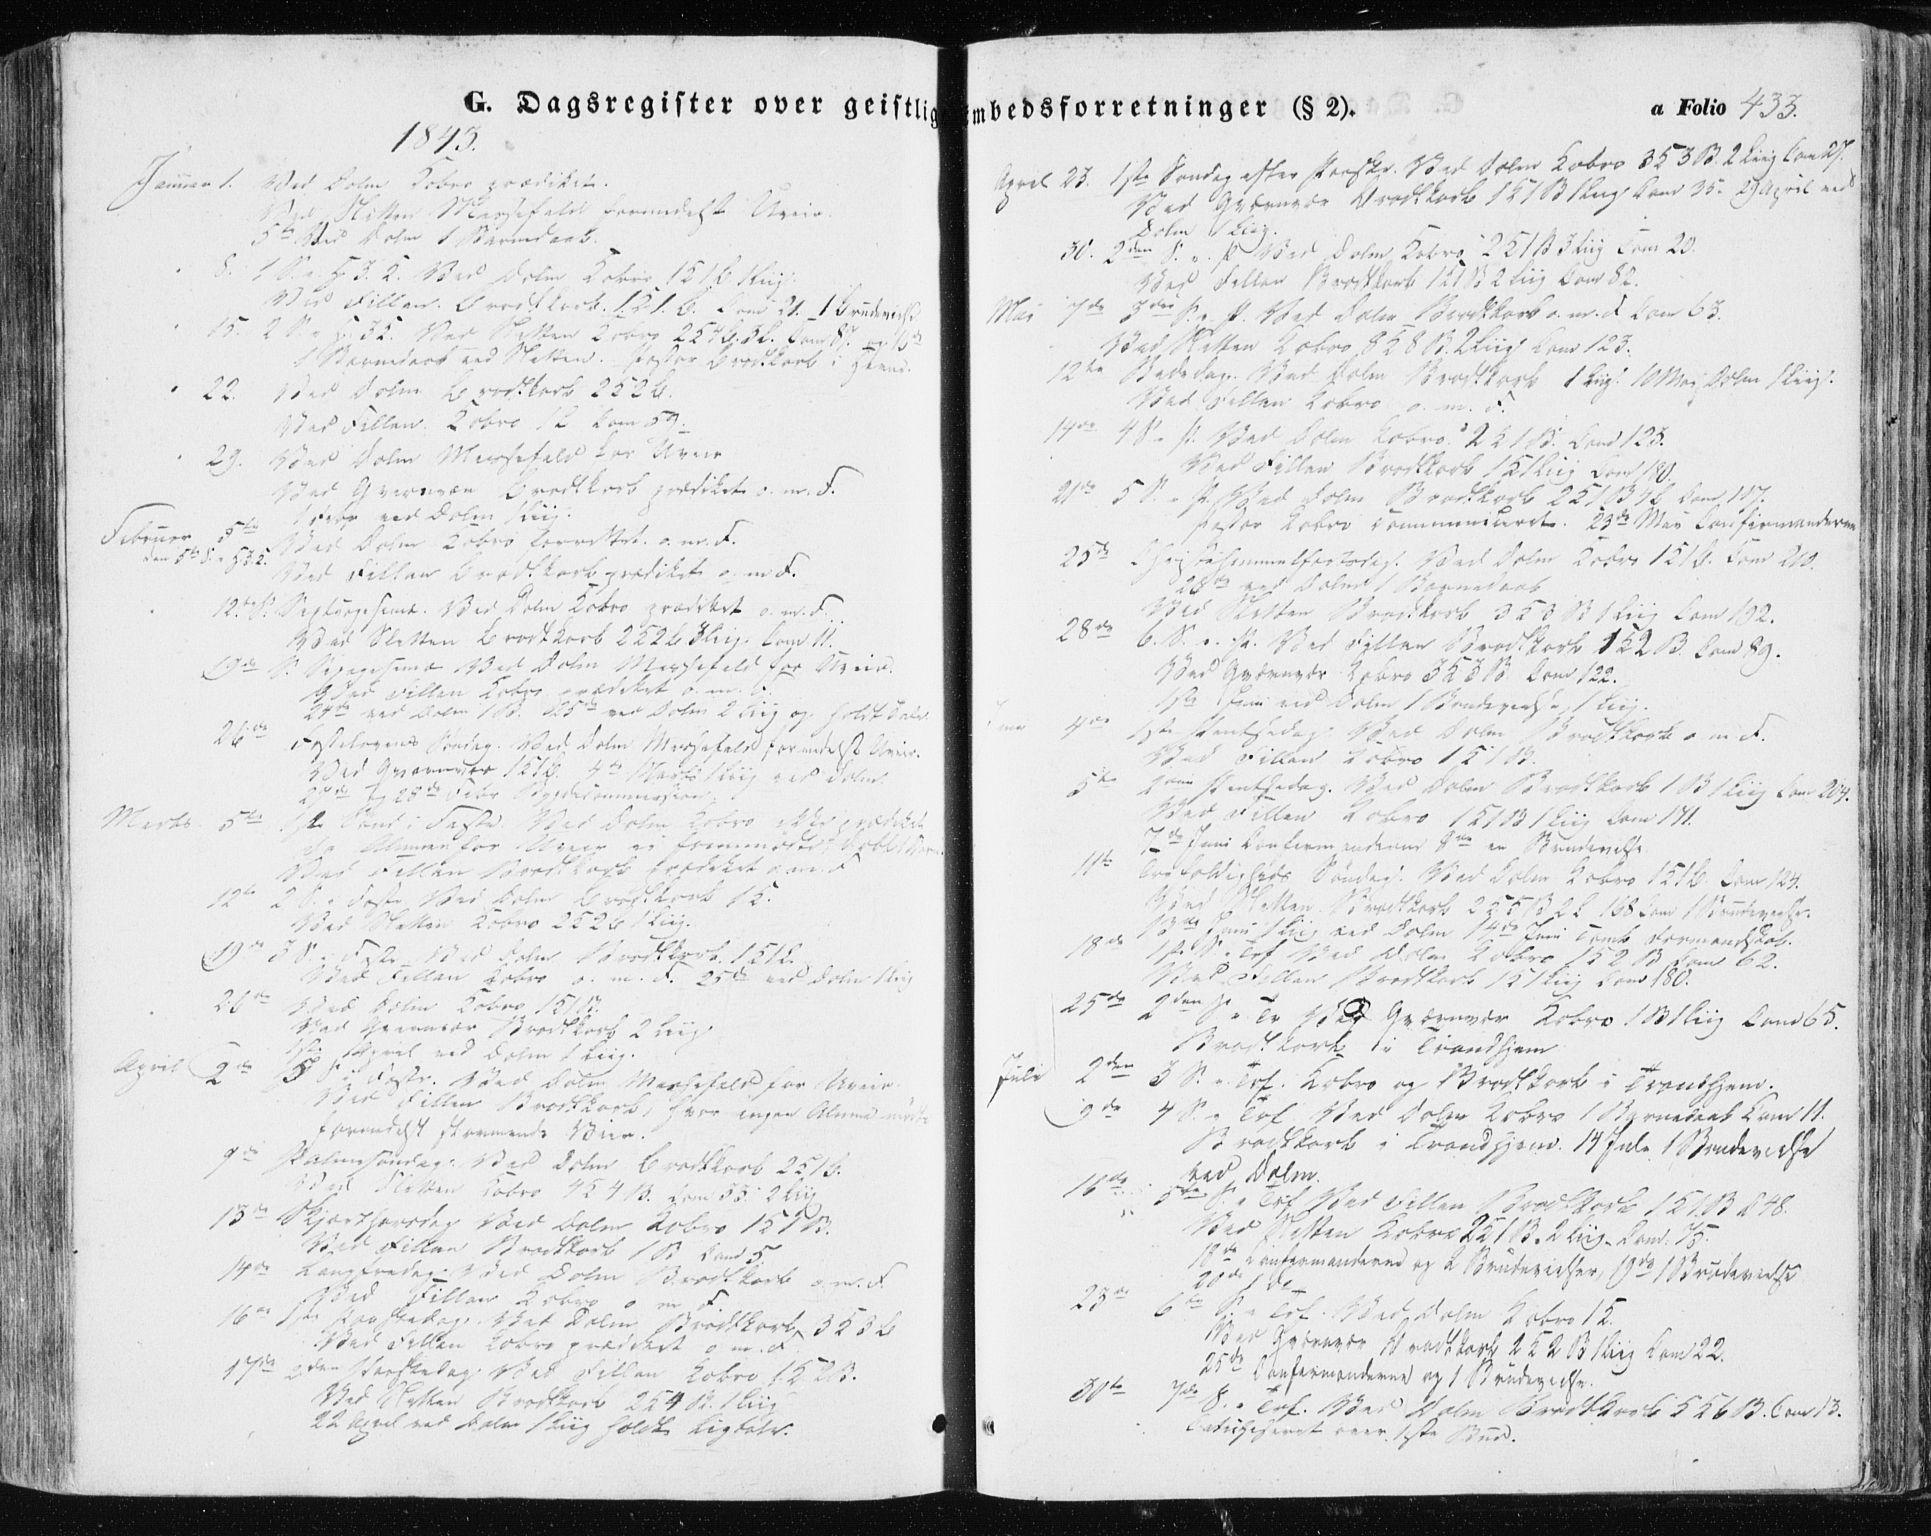 SAT, Ministerialprotokoller, klokkerbøker og fødselsregistre - Sør-Trøndelag, 634/L0529: Ministerialbok nr. 634A05, 1843-1851, s. 433